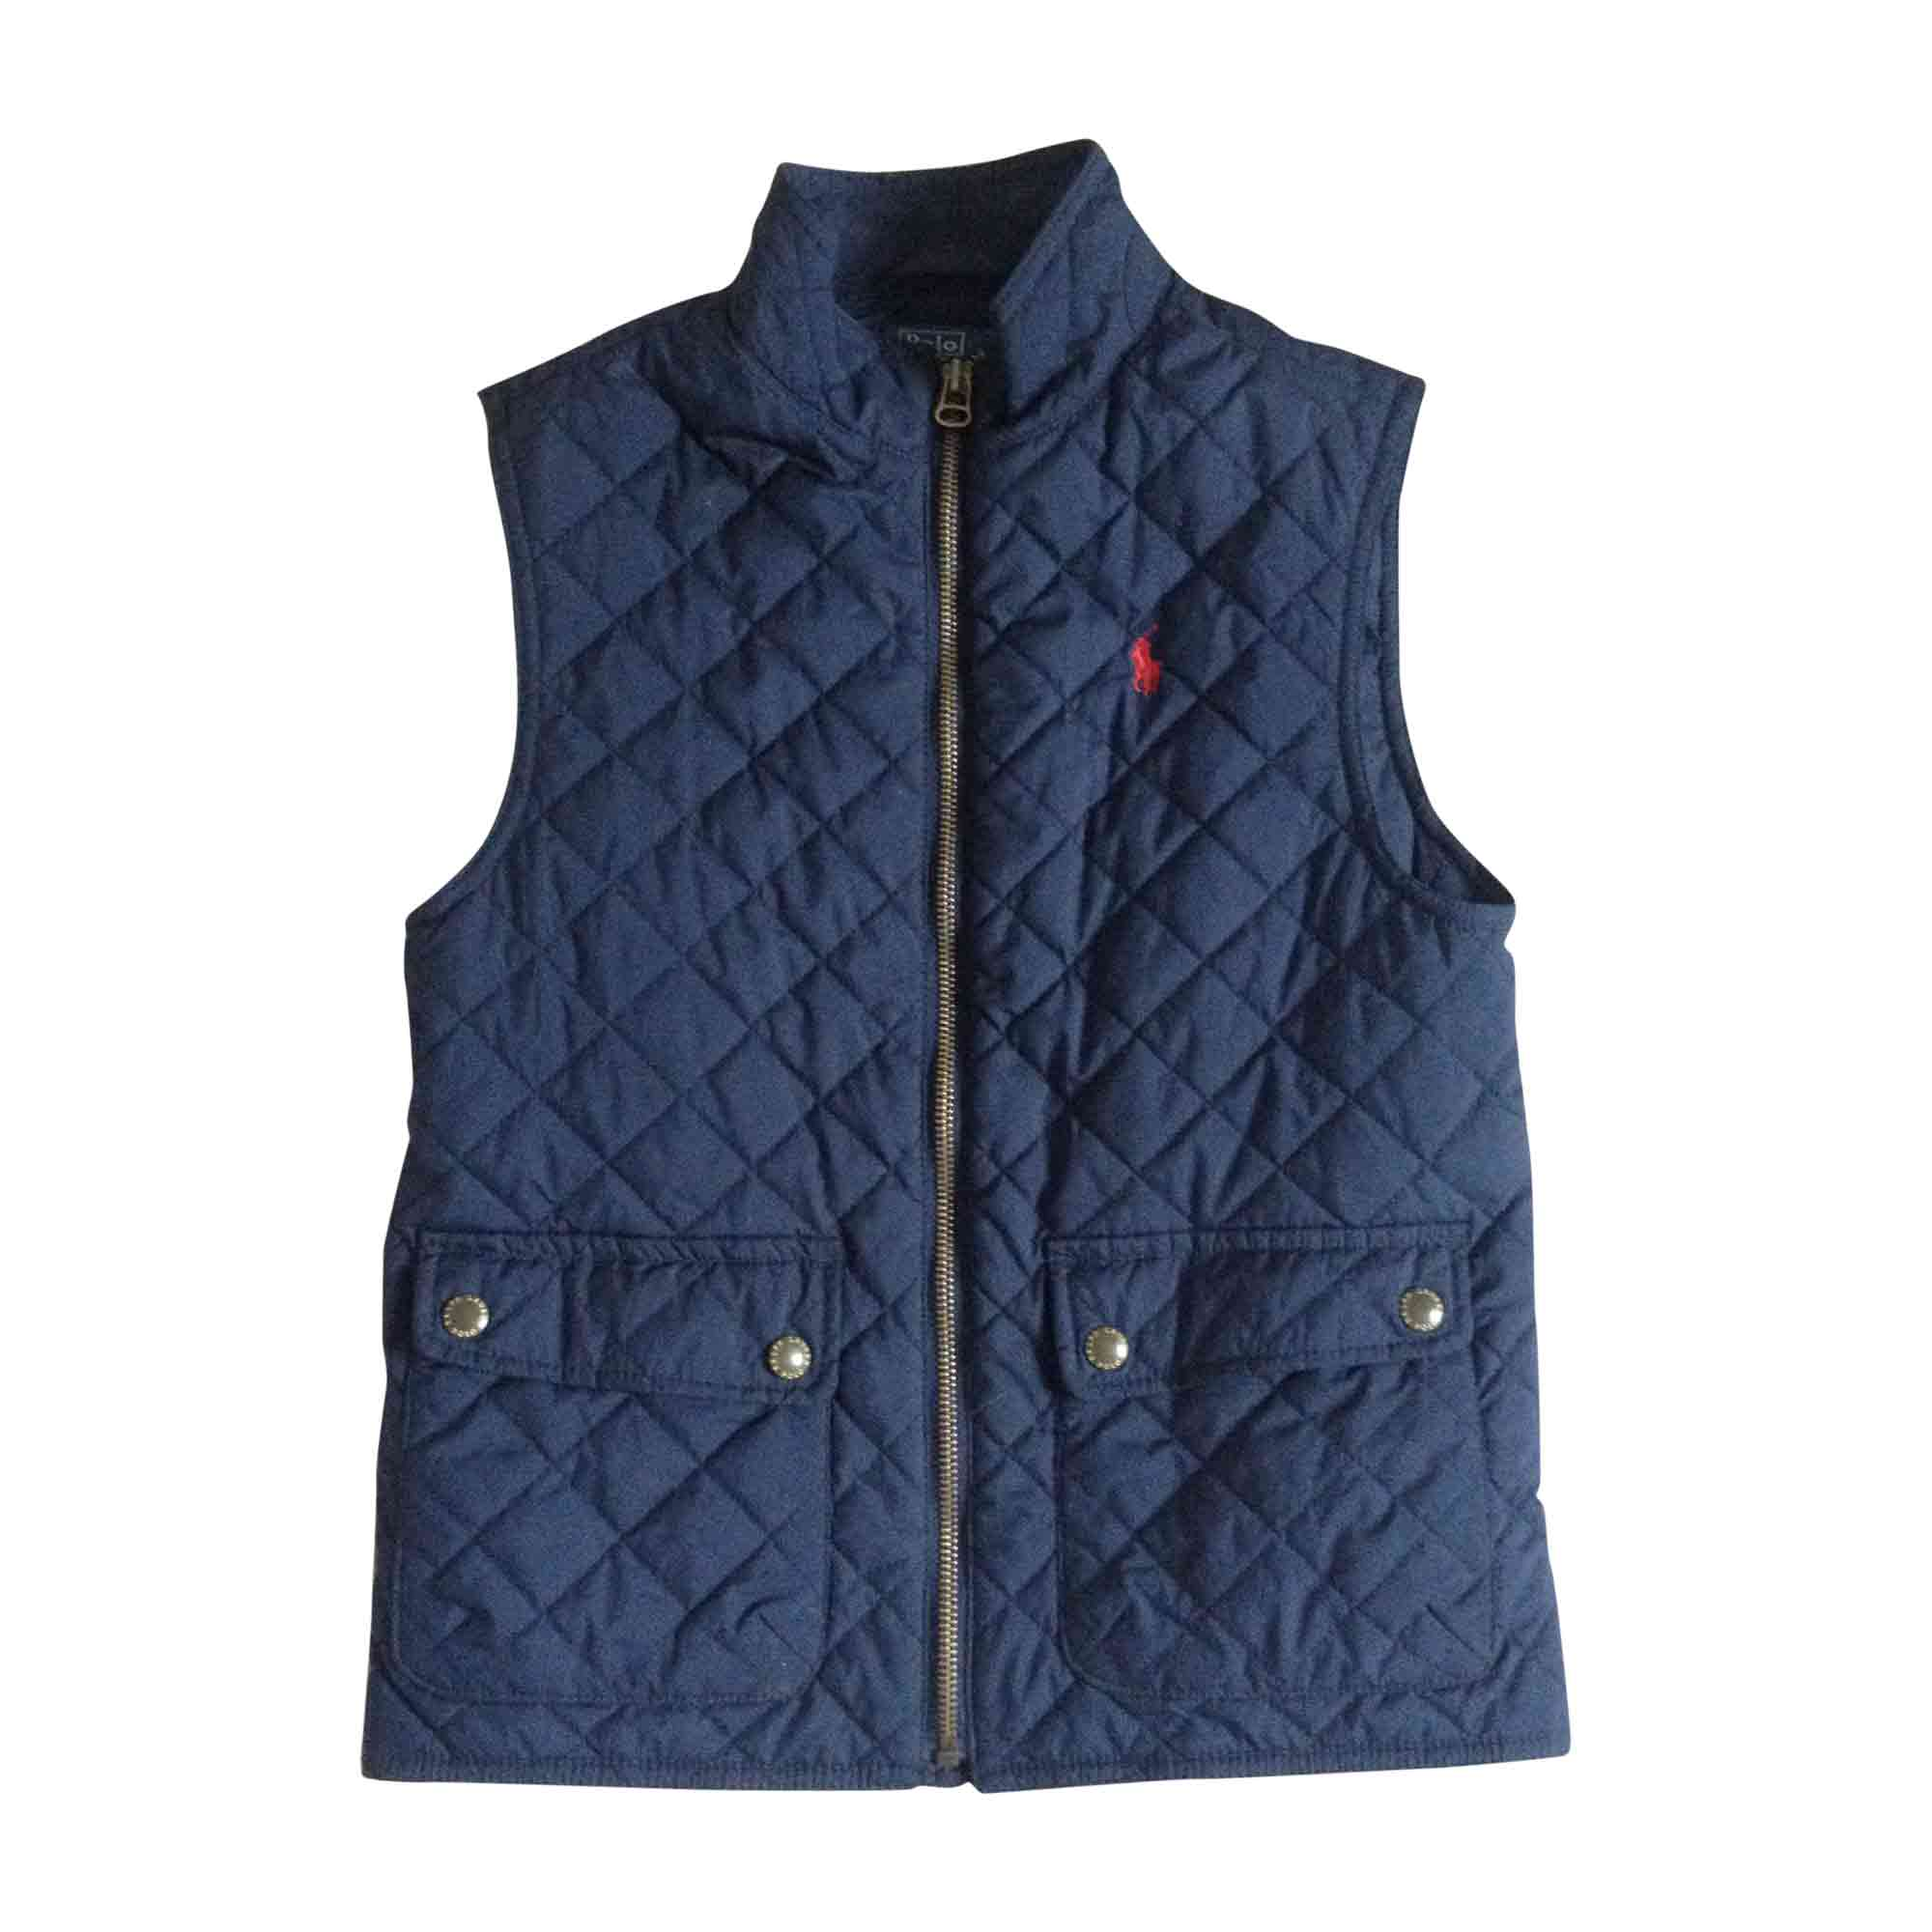 Down Jacket RALPH LAUREN Blue, navy, turquoise